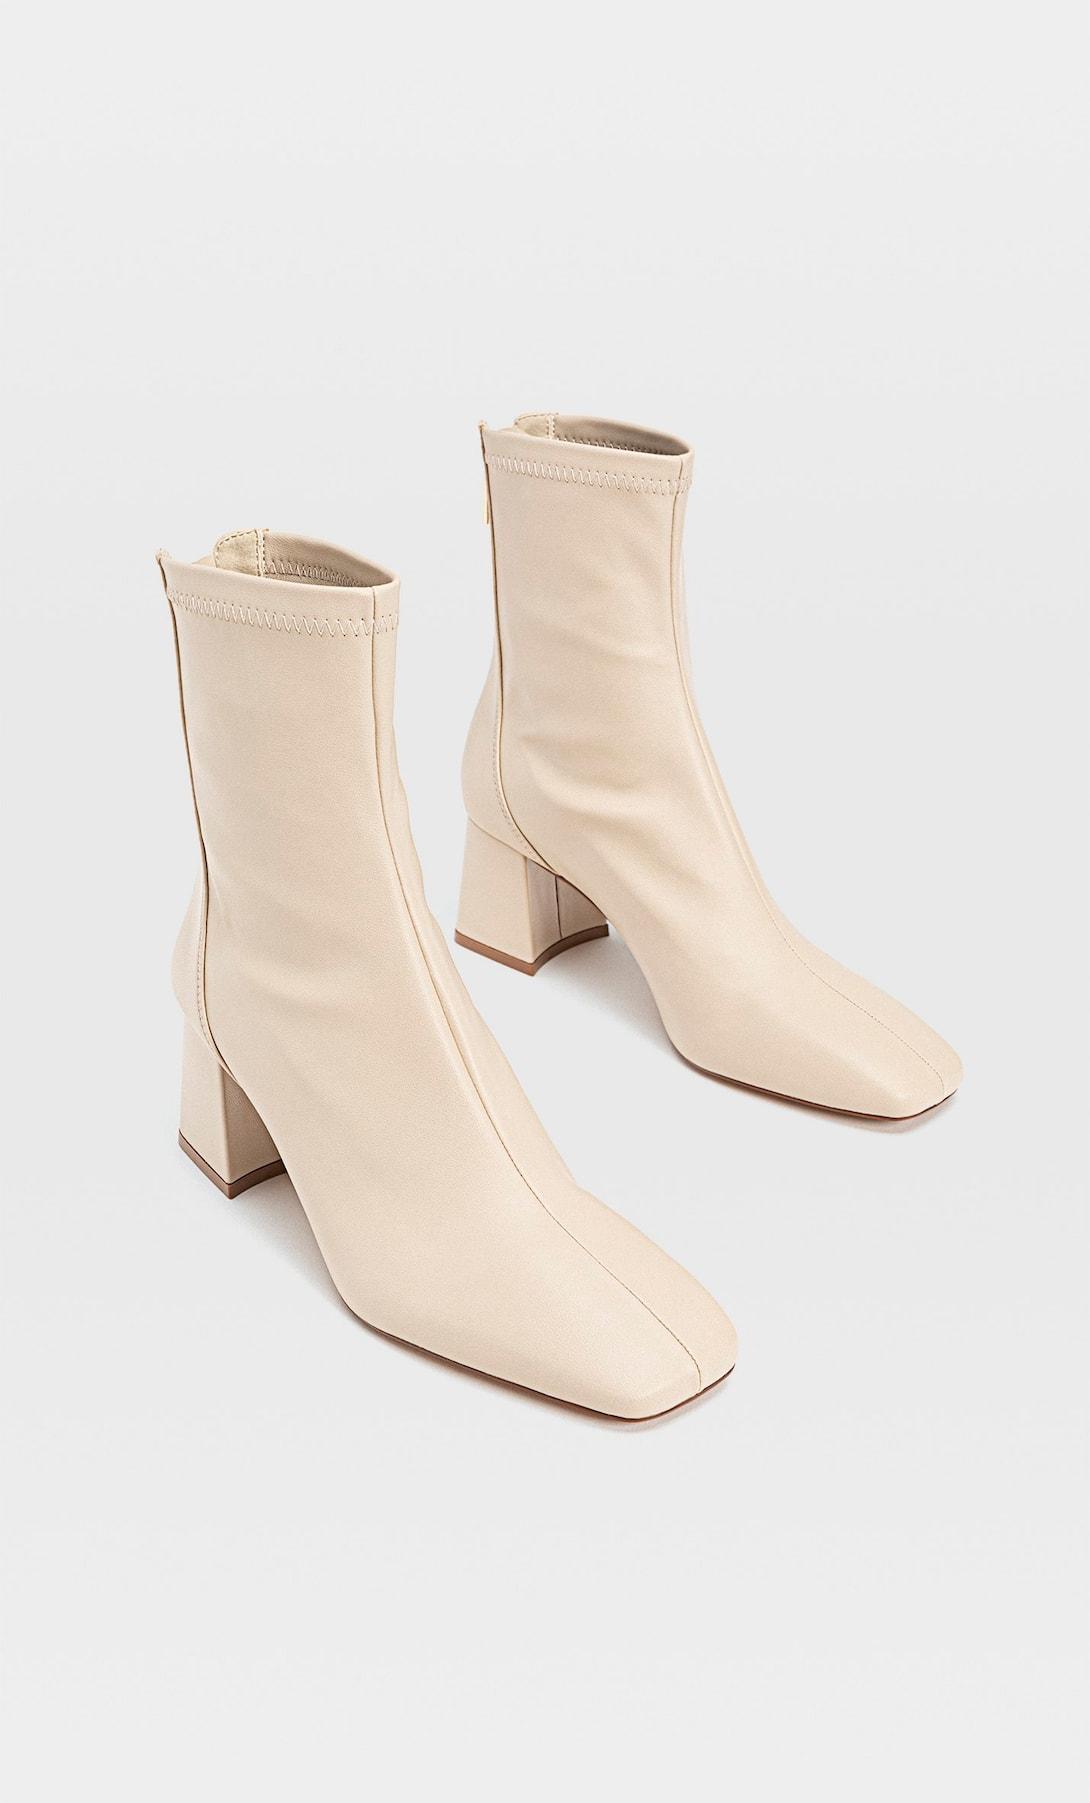 Stradivarius tiene los botines de tacón que parecen sacados de una pasarela